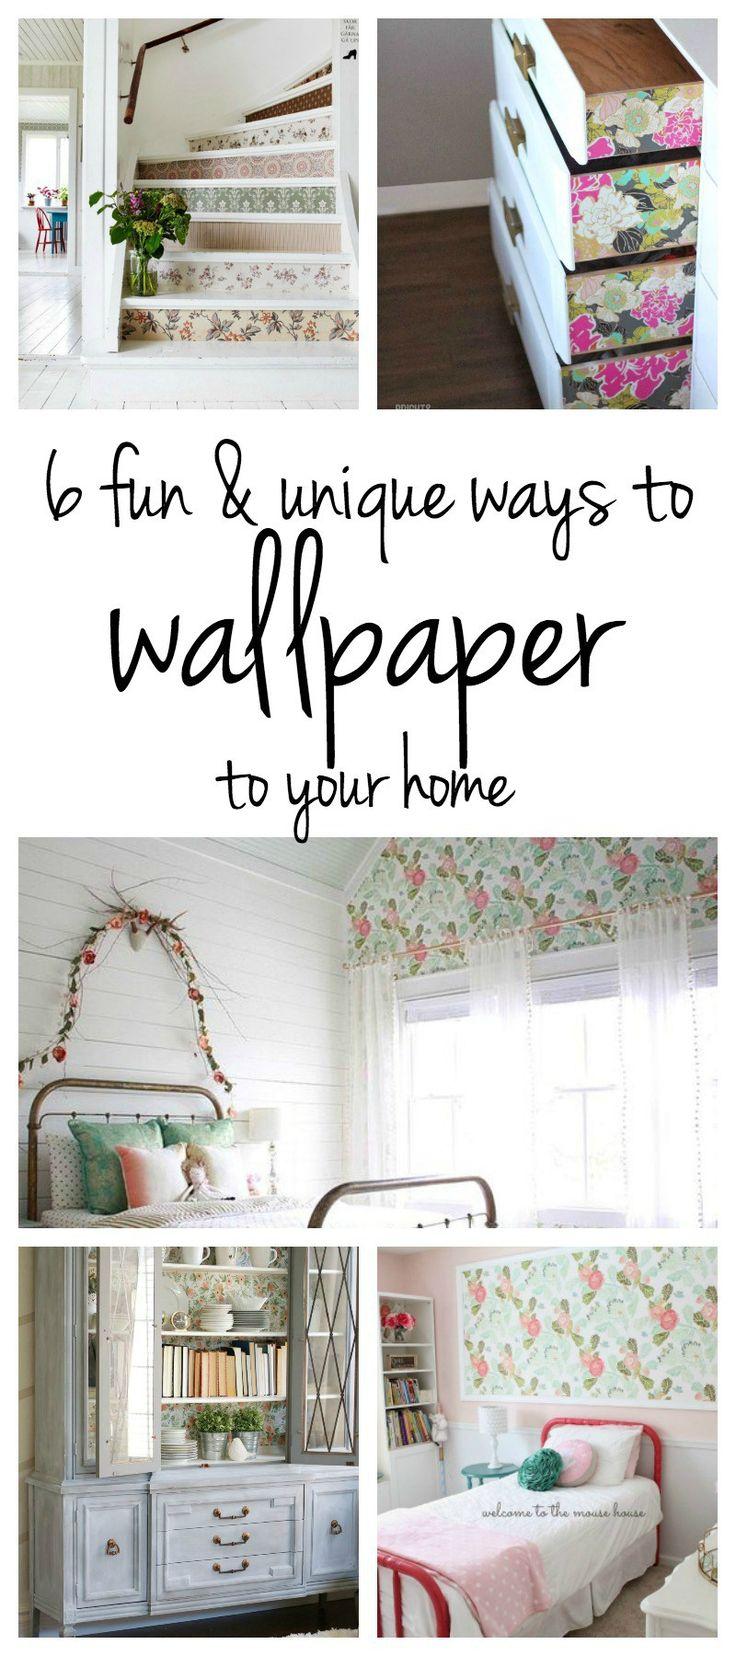 diy wallpaper ideas | wallpaper accent wall | unique wallpaper ideas